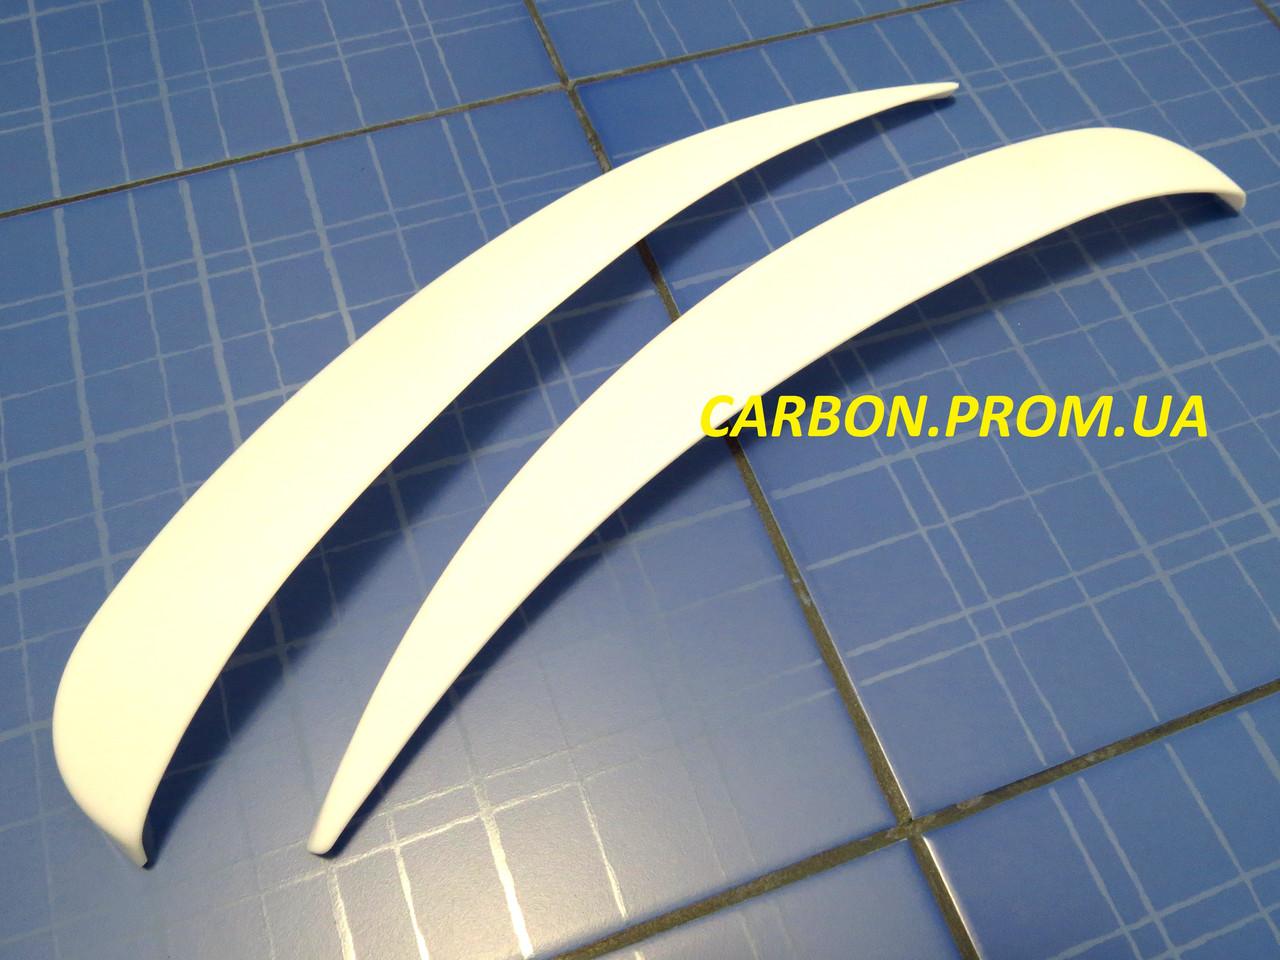 Вії ANV Air Газель білі тюнінгові накладки на автомобільні фари Gazel